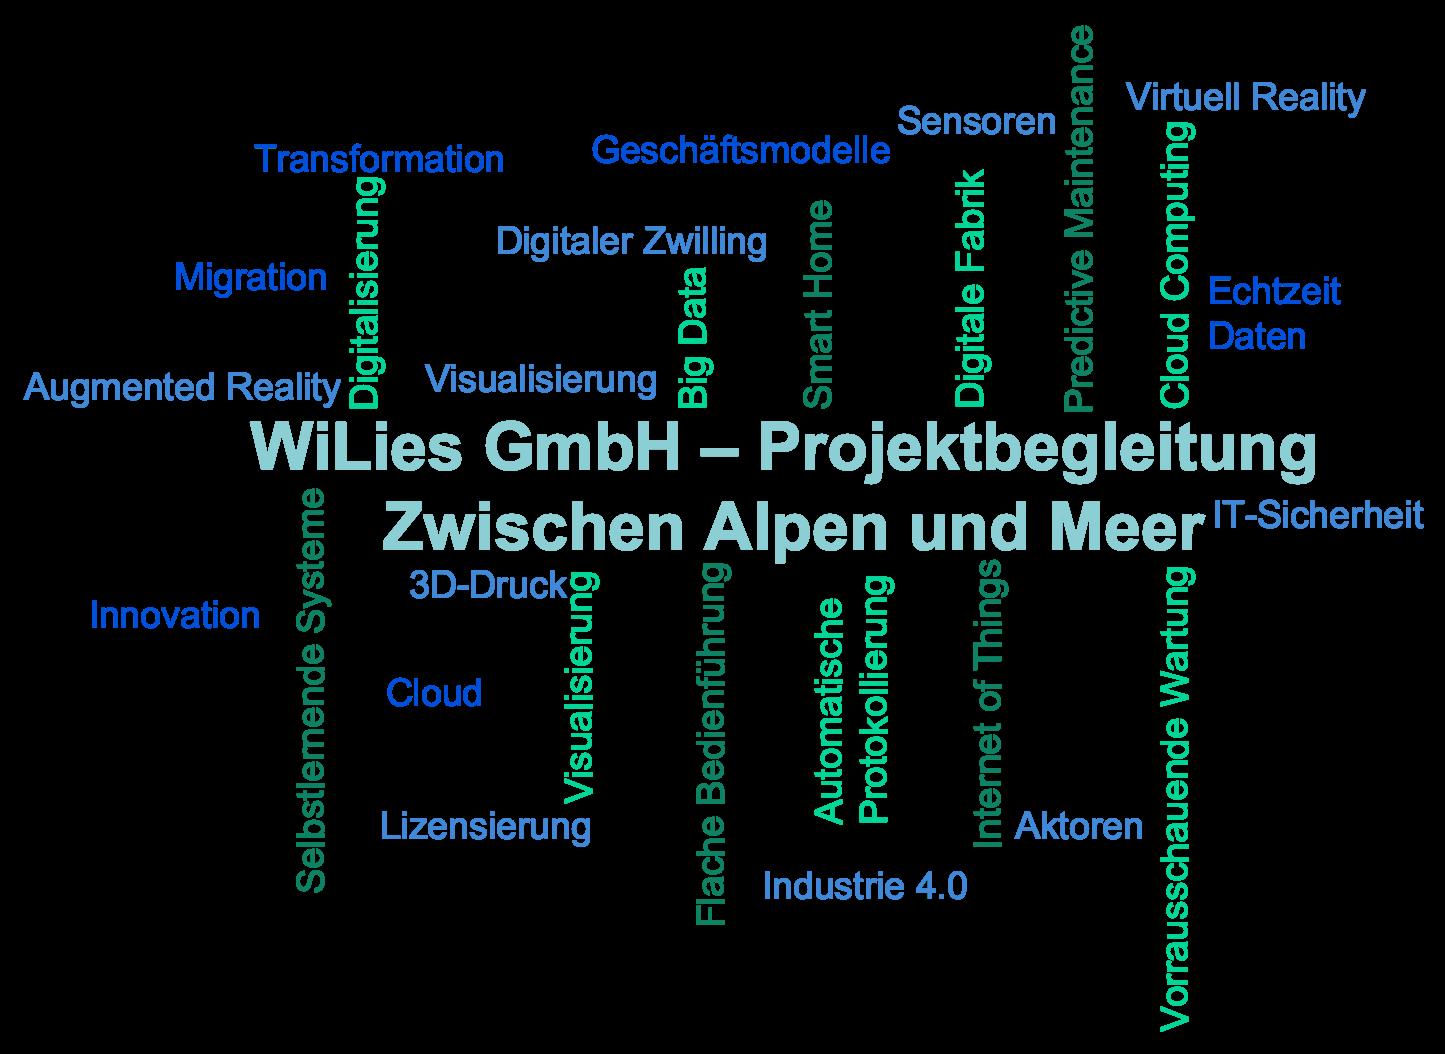 Digitalisierung, IoT, Industrie 4.0, Visualisierung